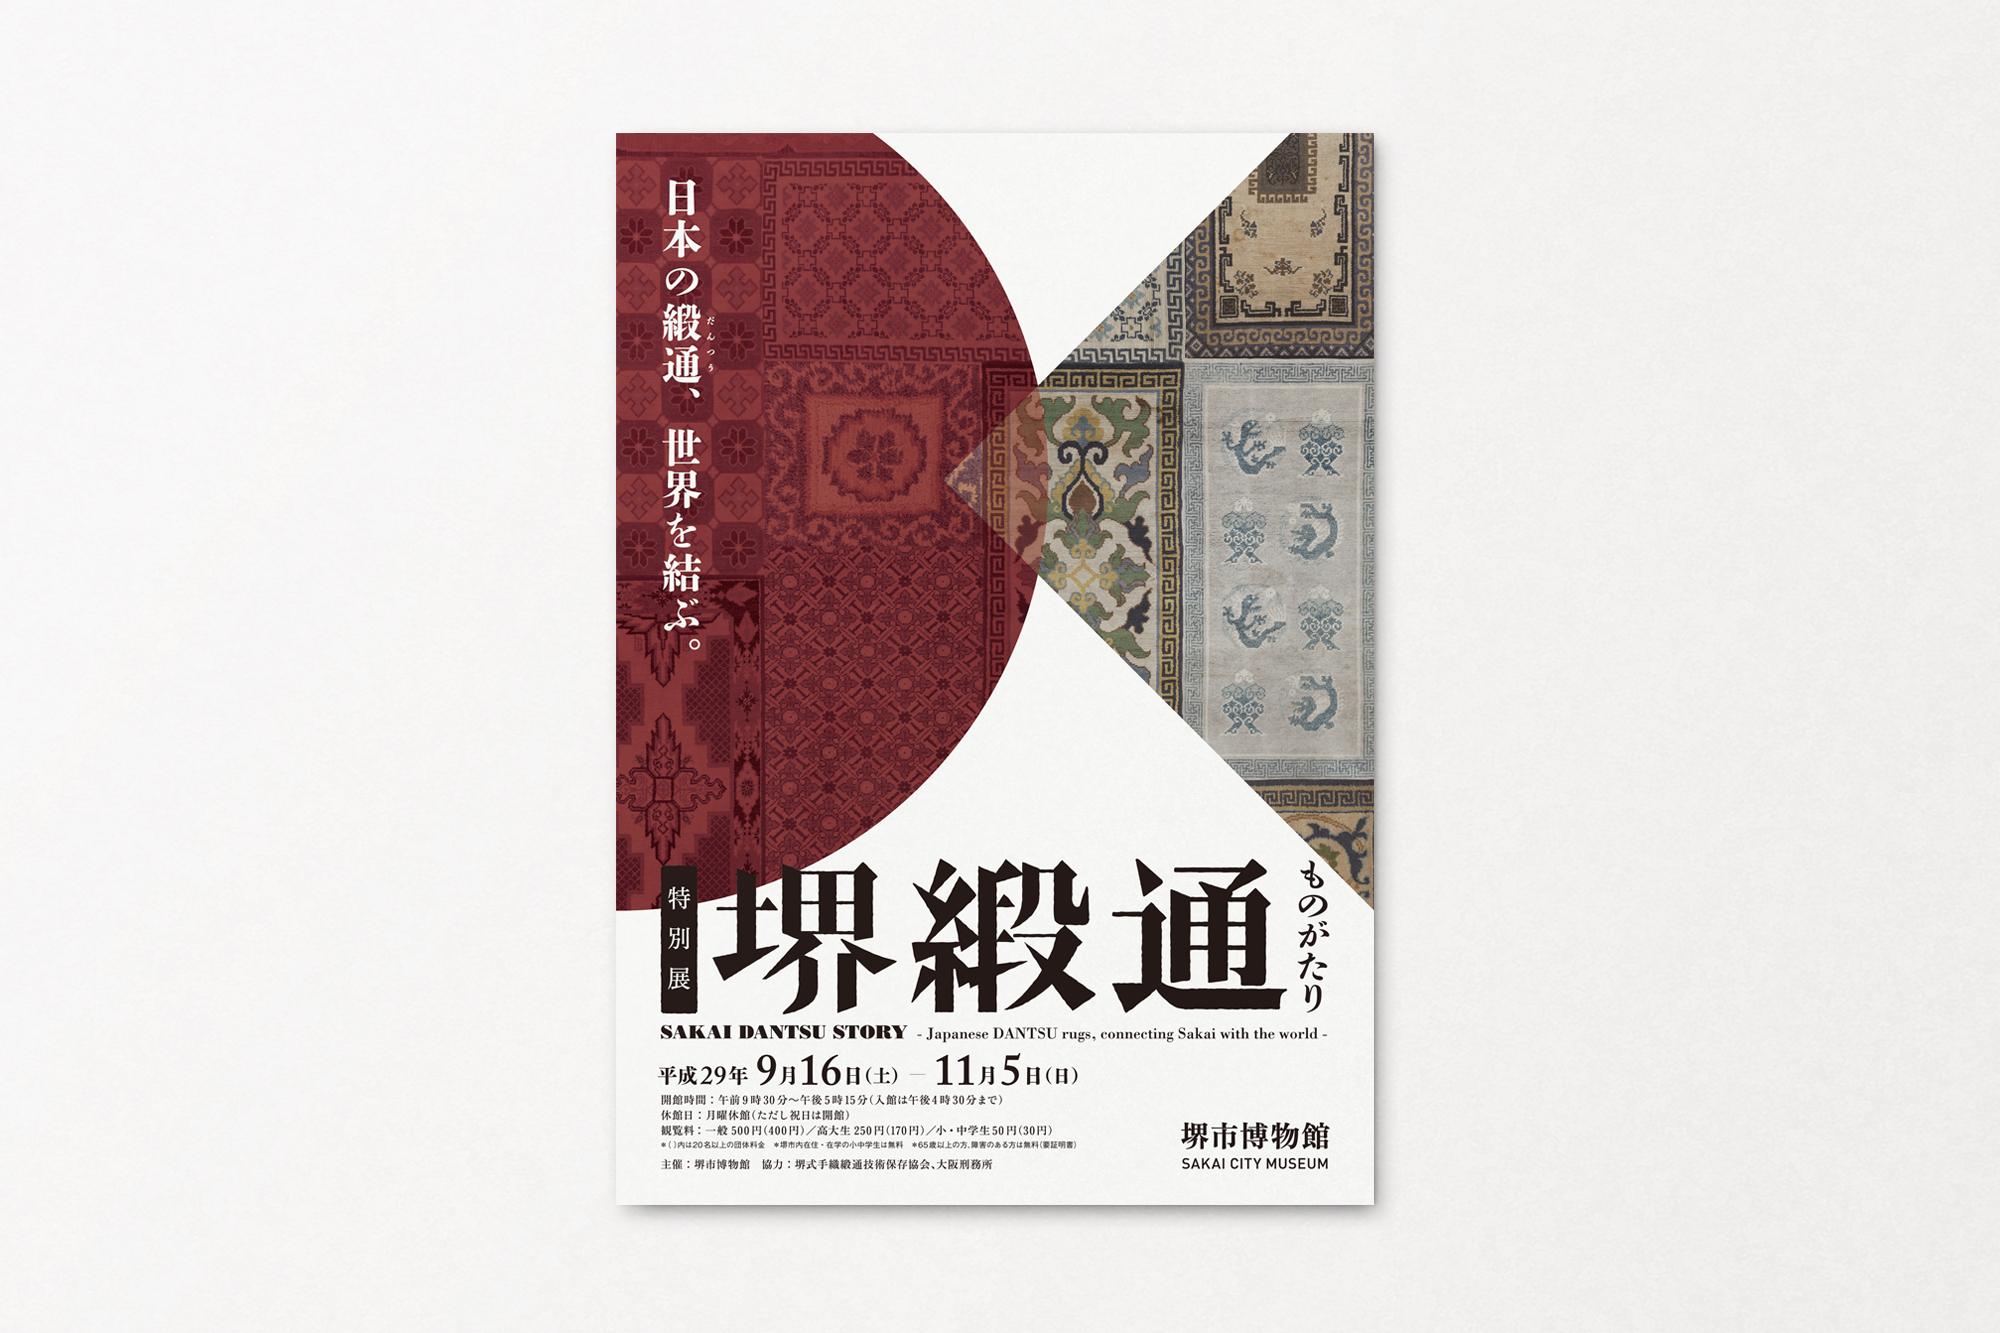 特別展 堺緞通ものがたり  - 日本の緞通、世界を結ぶ -